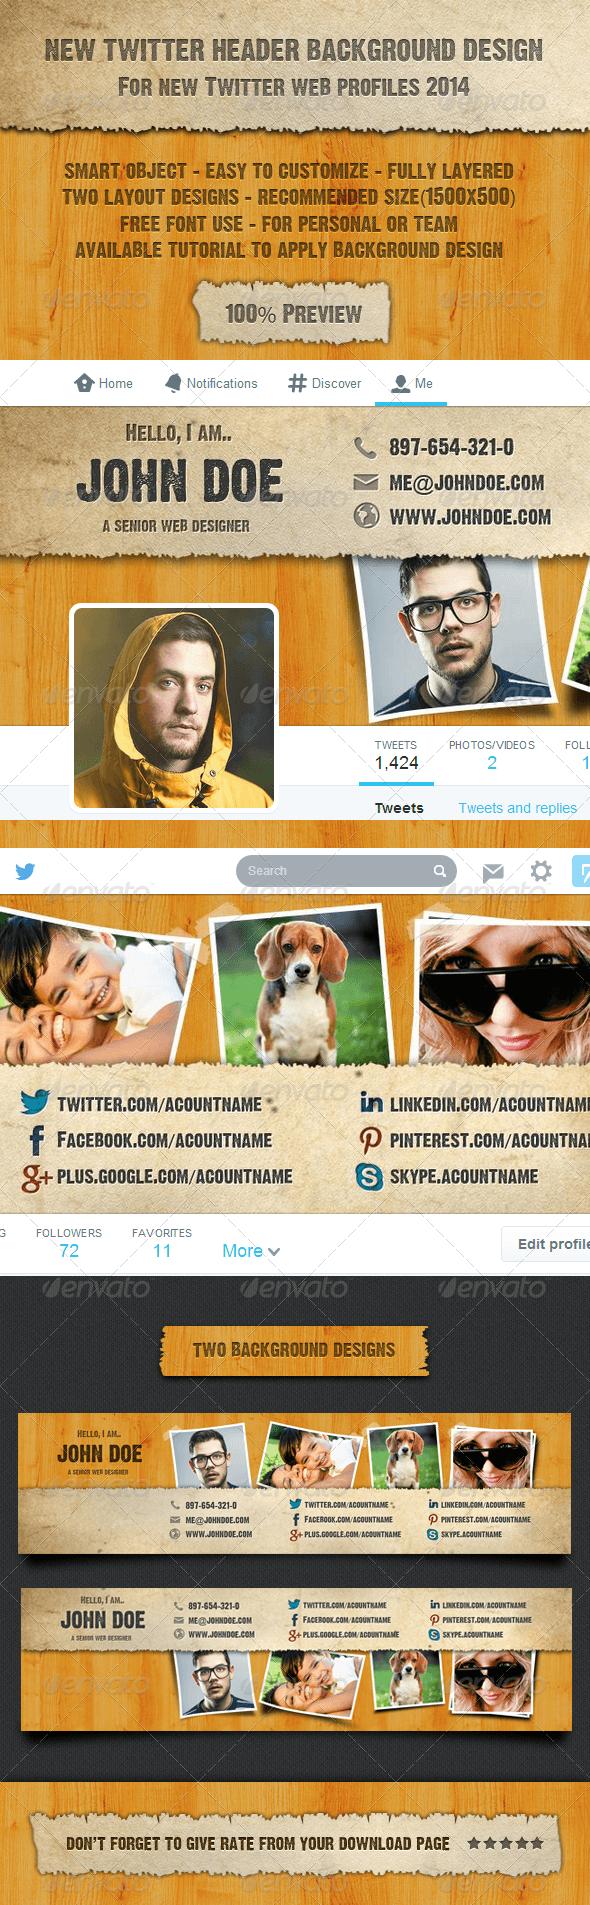 GraphicRiver New Twitter Header Background Design 7588974